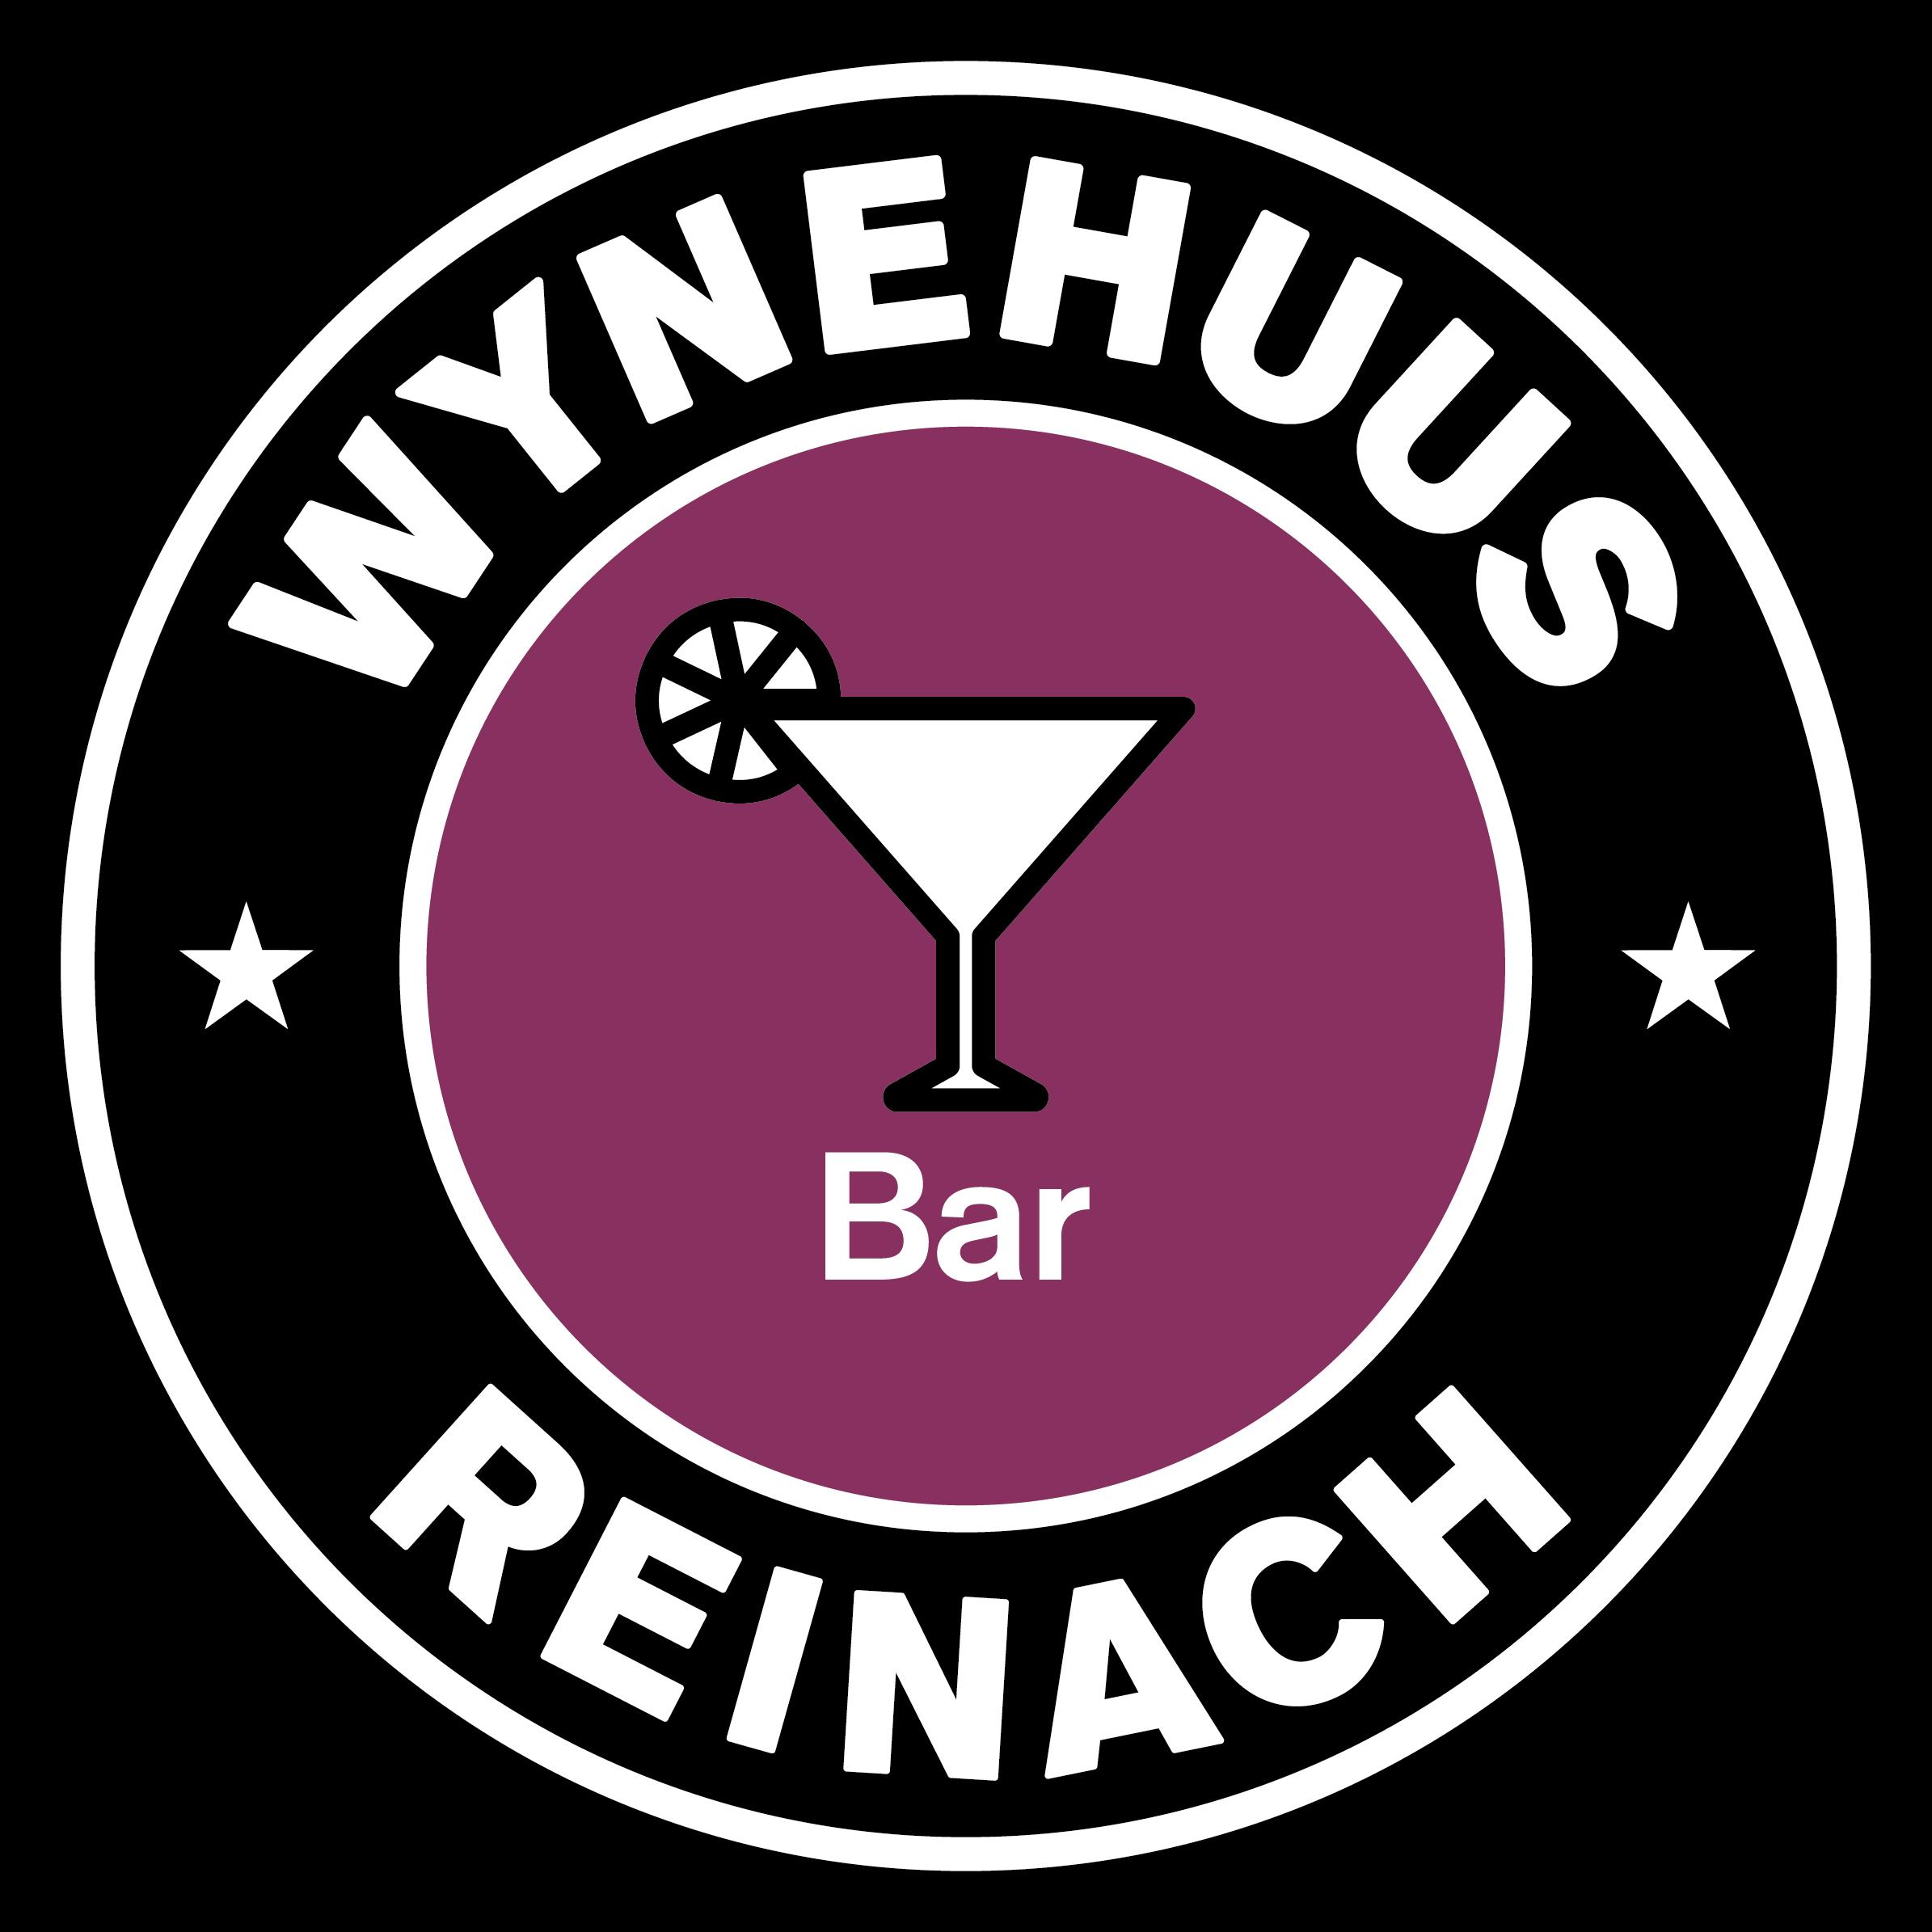 Wynehuus_Bar